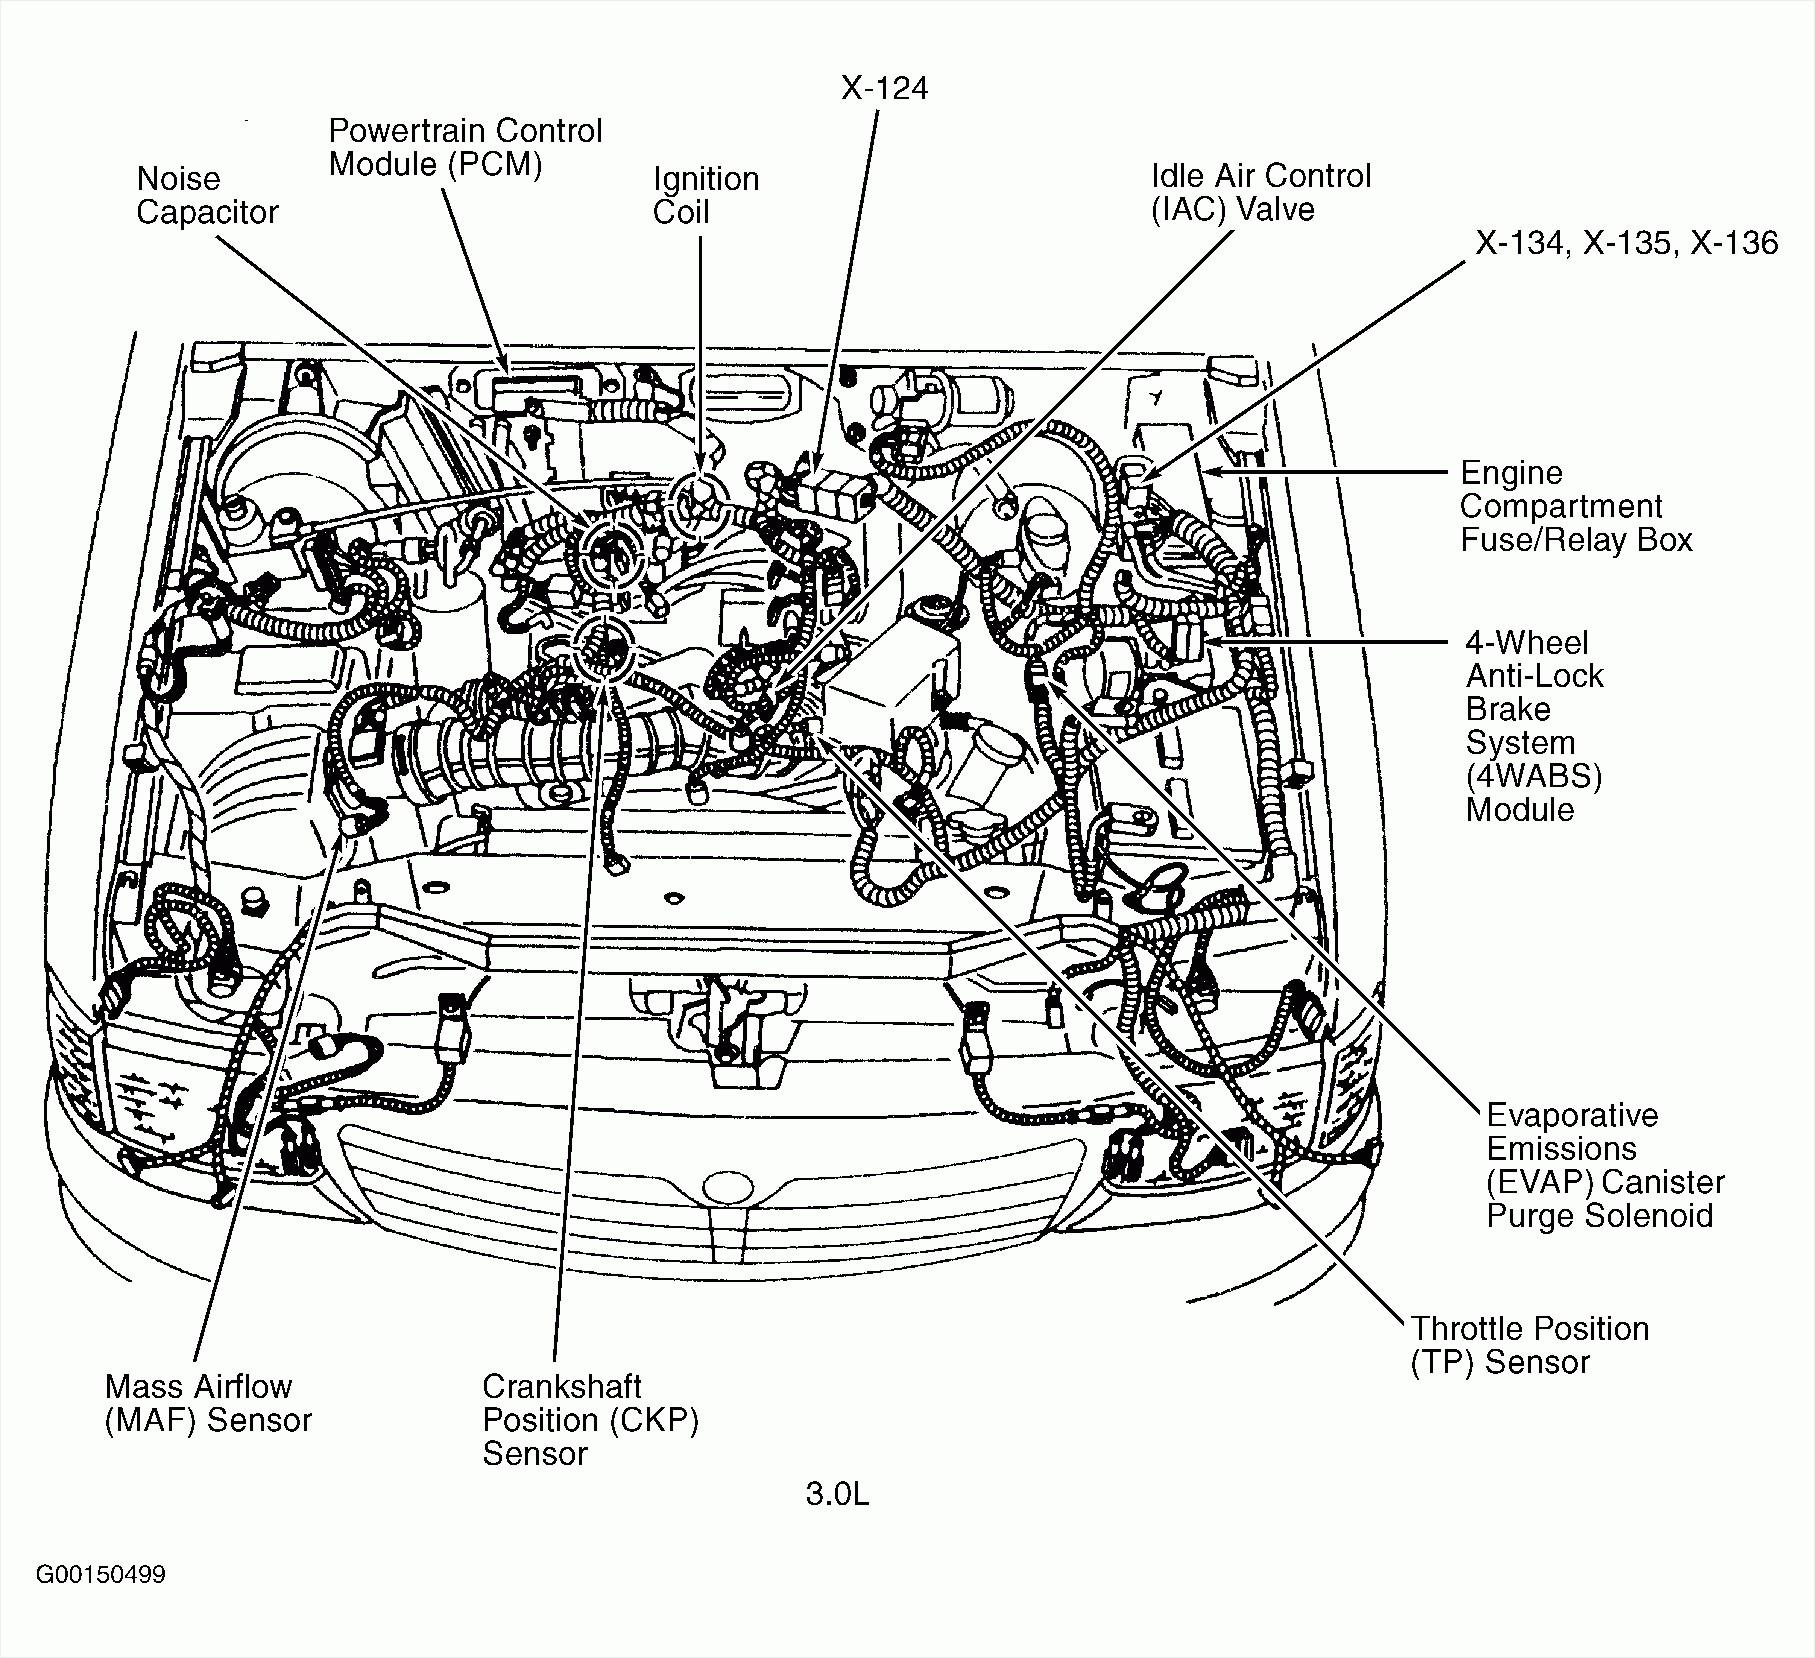 audi 2 7 t engine diagram query  audi a6 2 7t engine diagram #12